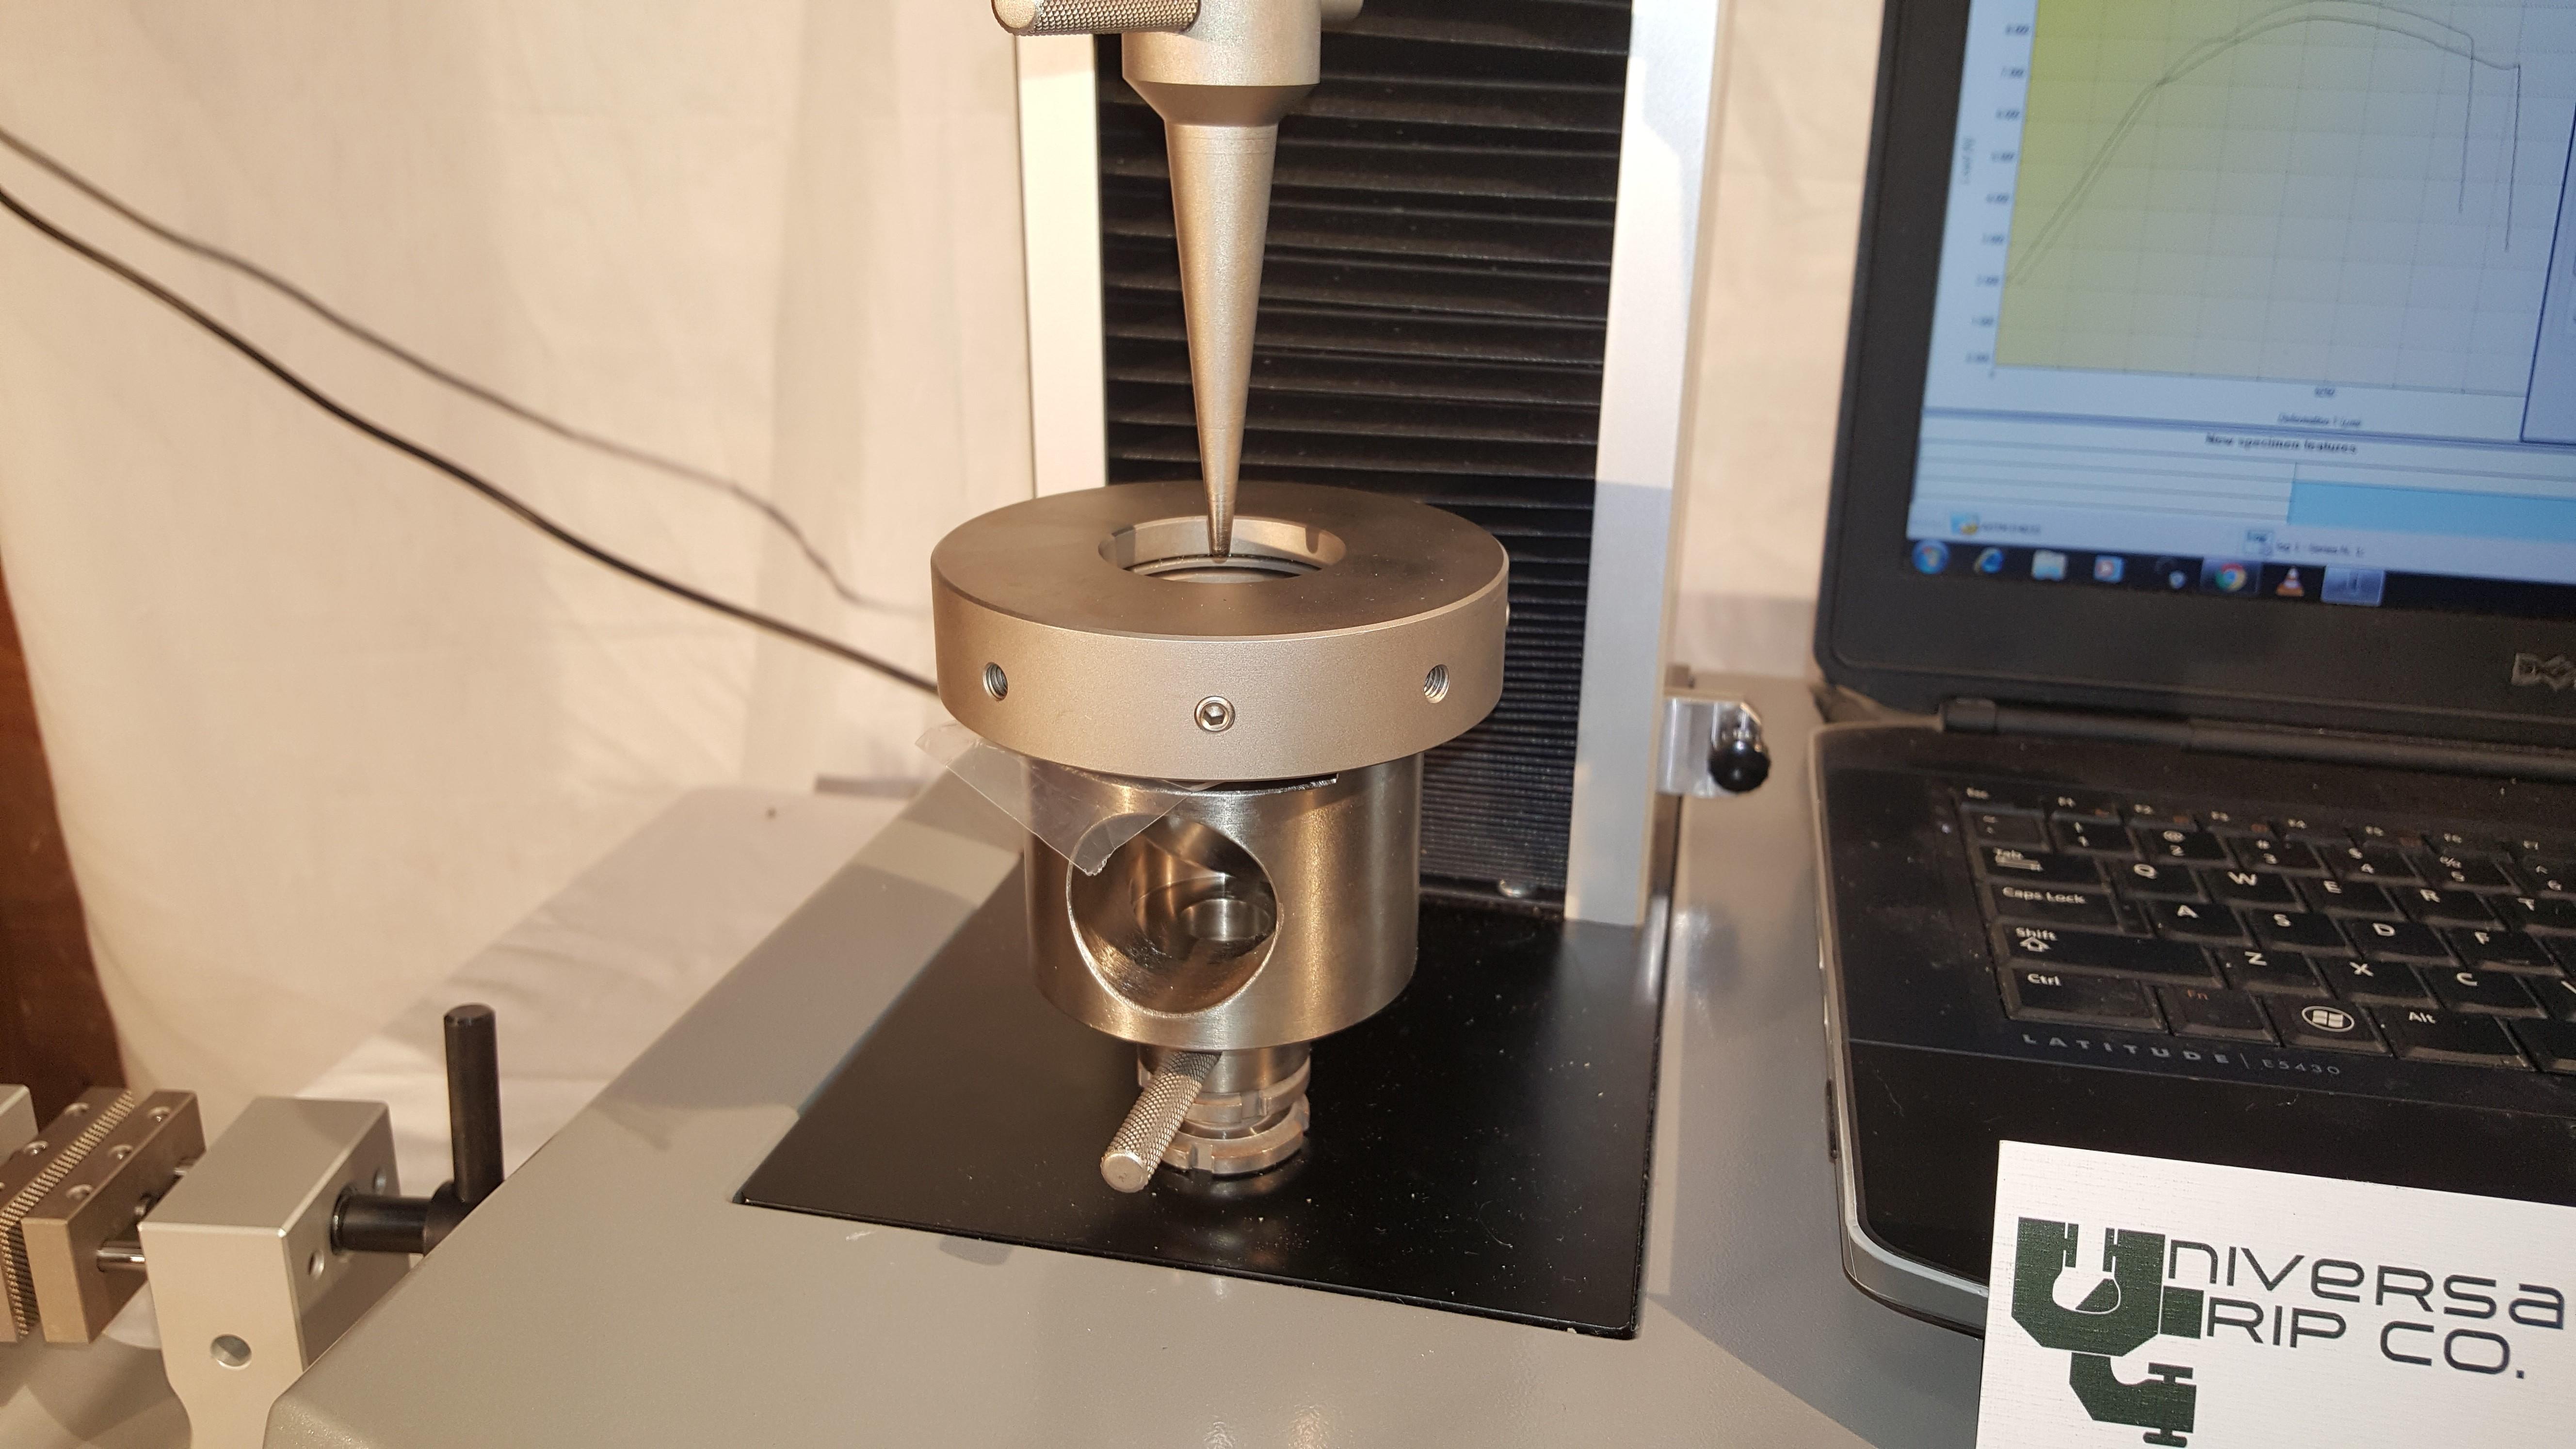 Puncture Testing Fixture for Plastics